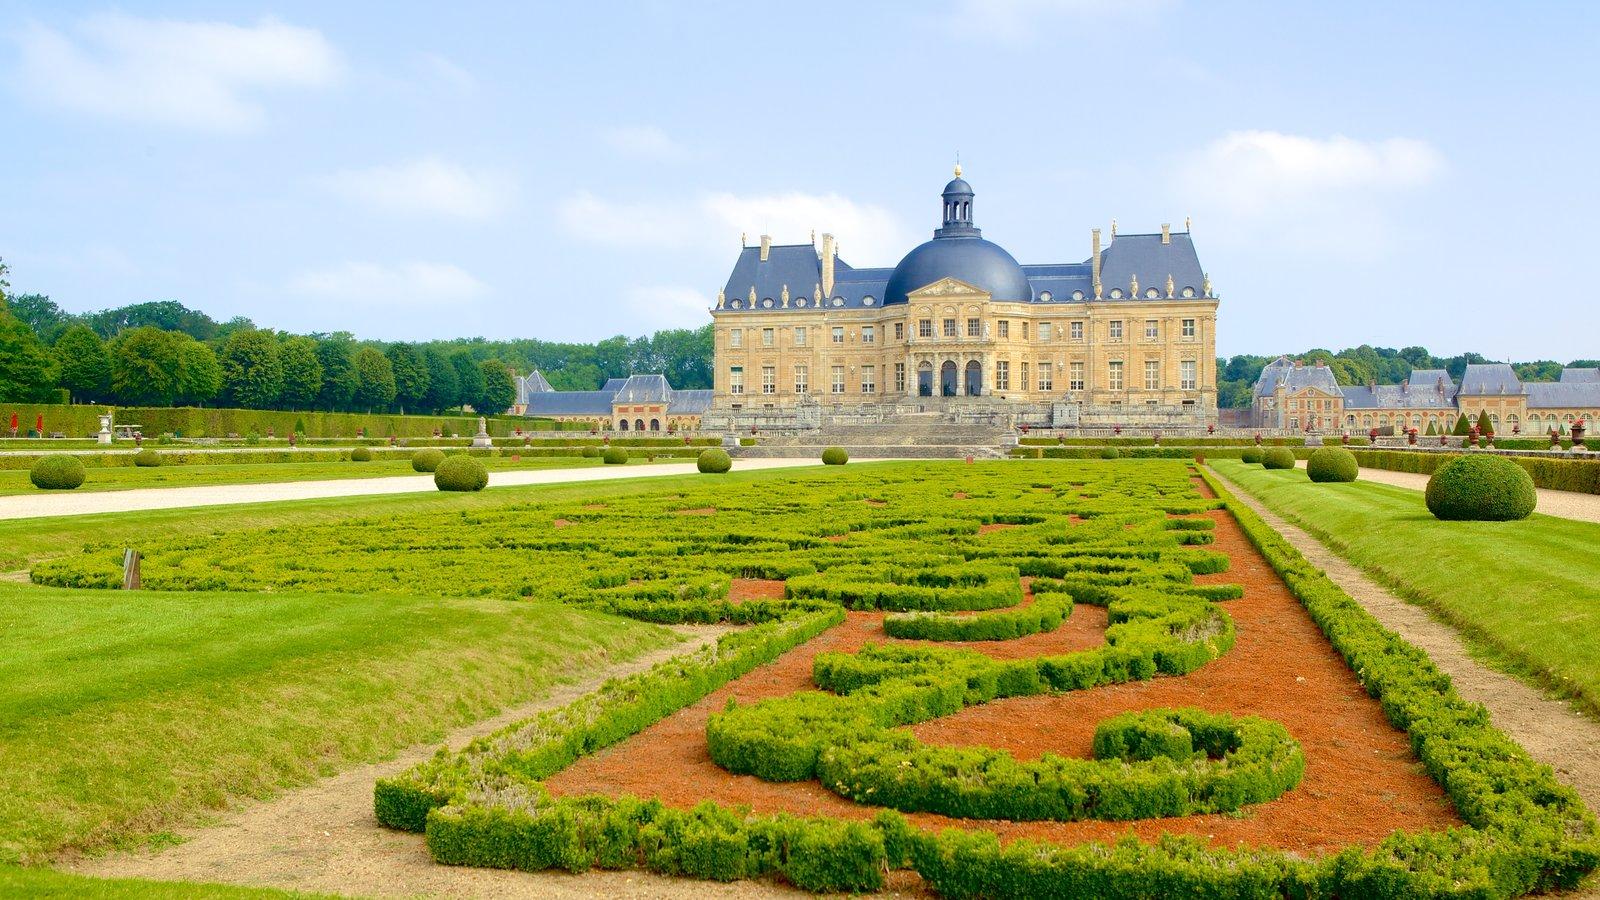 Melun mostrando um parque e um pequeno castelo ou palácio